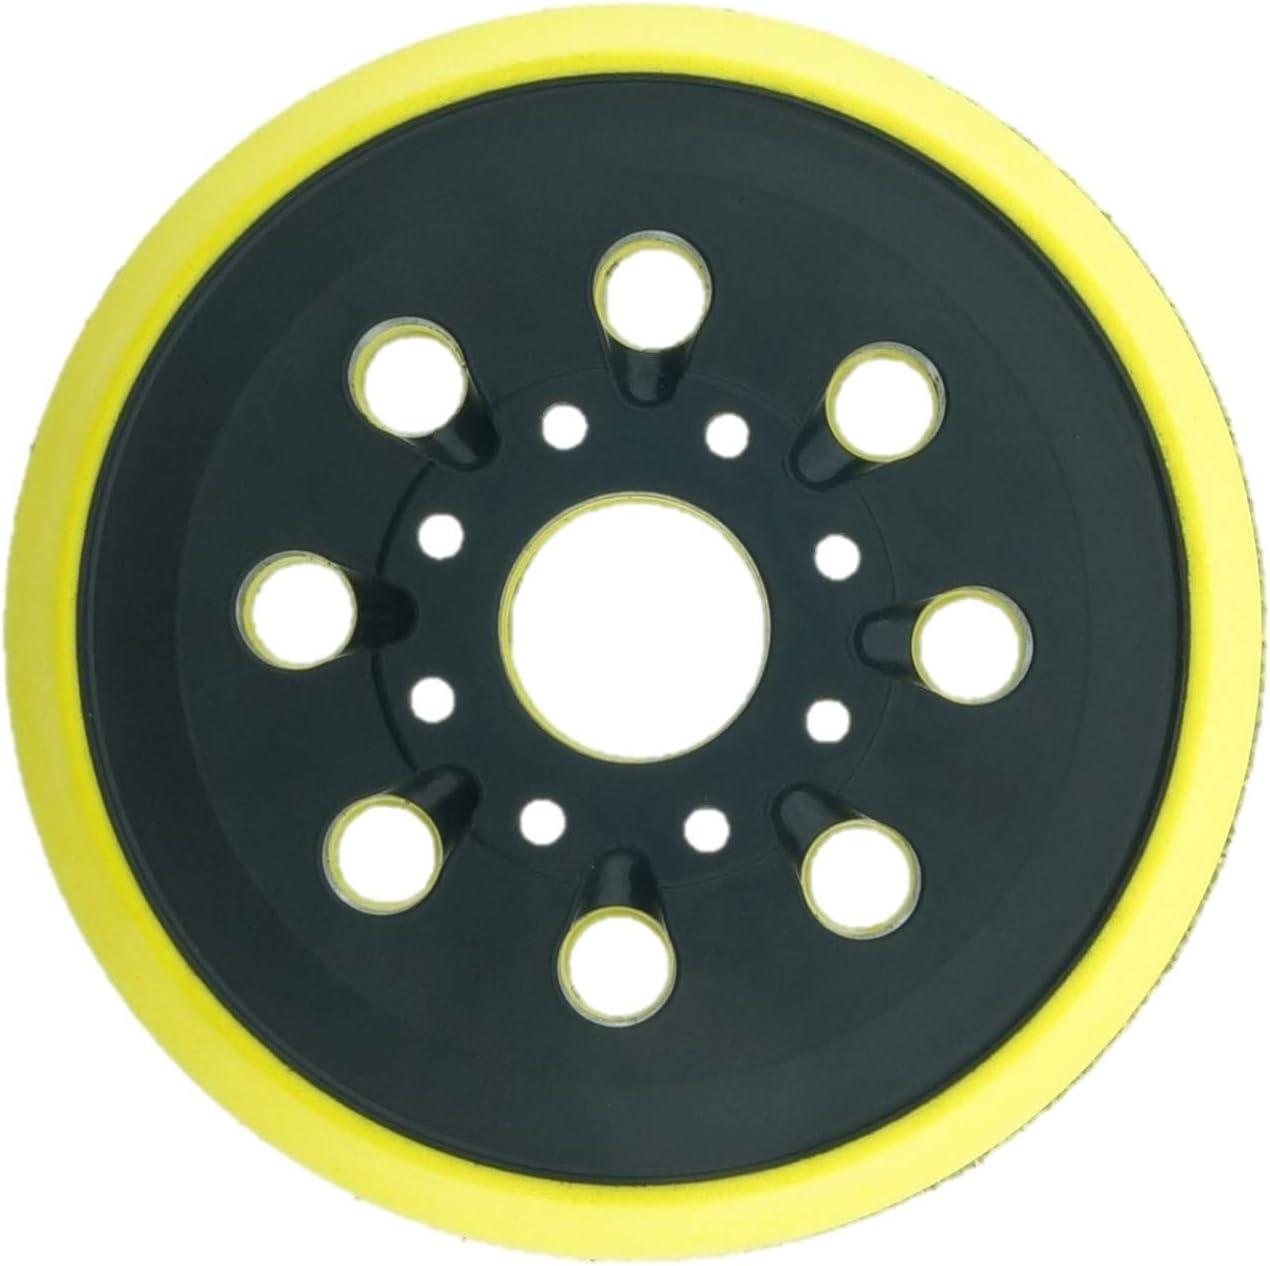 2 x SabreCut OSSCSPB220MH/_2 125mm Medium Hard 8 Hole Random Orbital Sander Hook /& Loop Backing Pads for Bosch PEX220 Skil 7402 7490